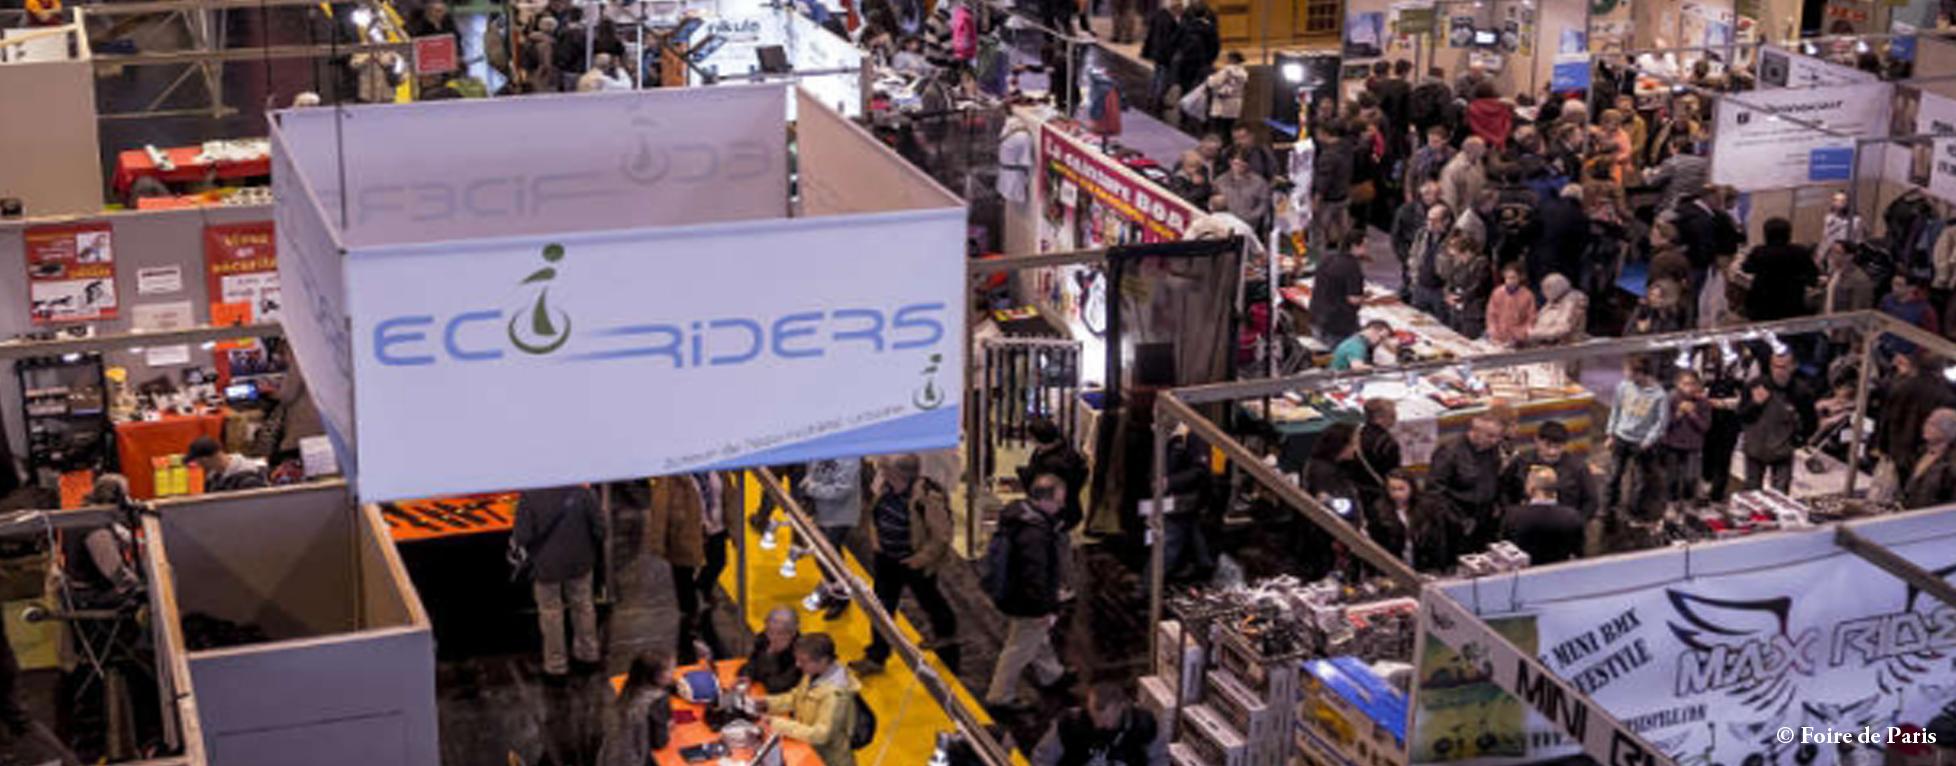 La Foire De Paris Et Ses Dernieres Innovations Technologiques